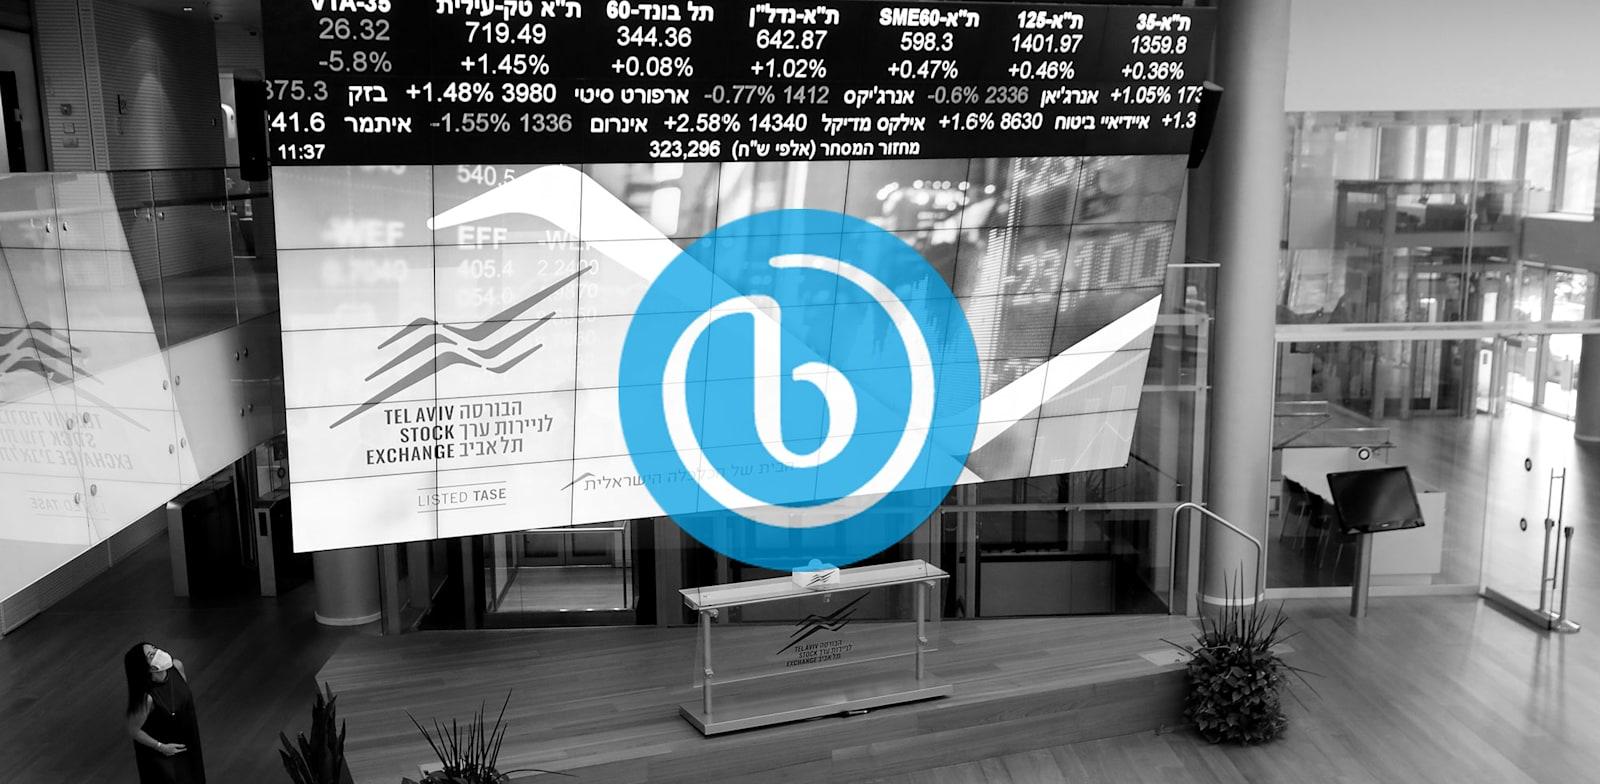 בלנדר קופצת על עגלת ההנפקות הראשוניות בבורסת תל אביב / צילום: Reuters